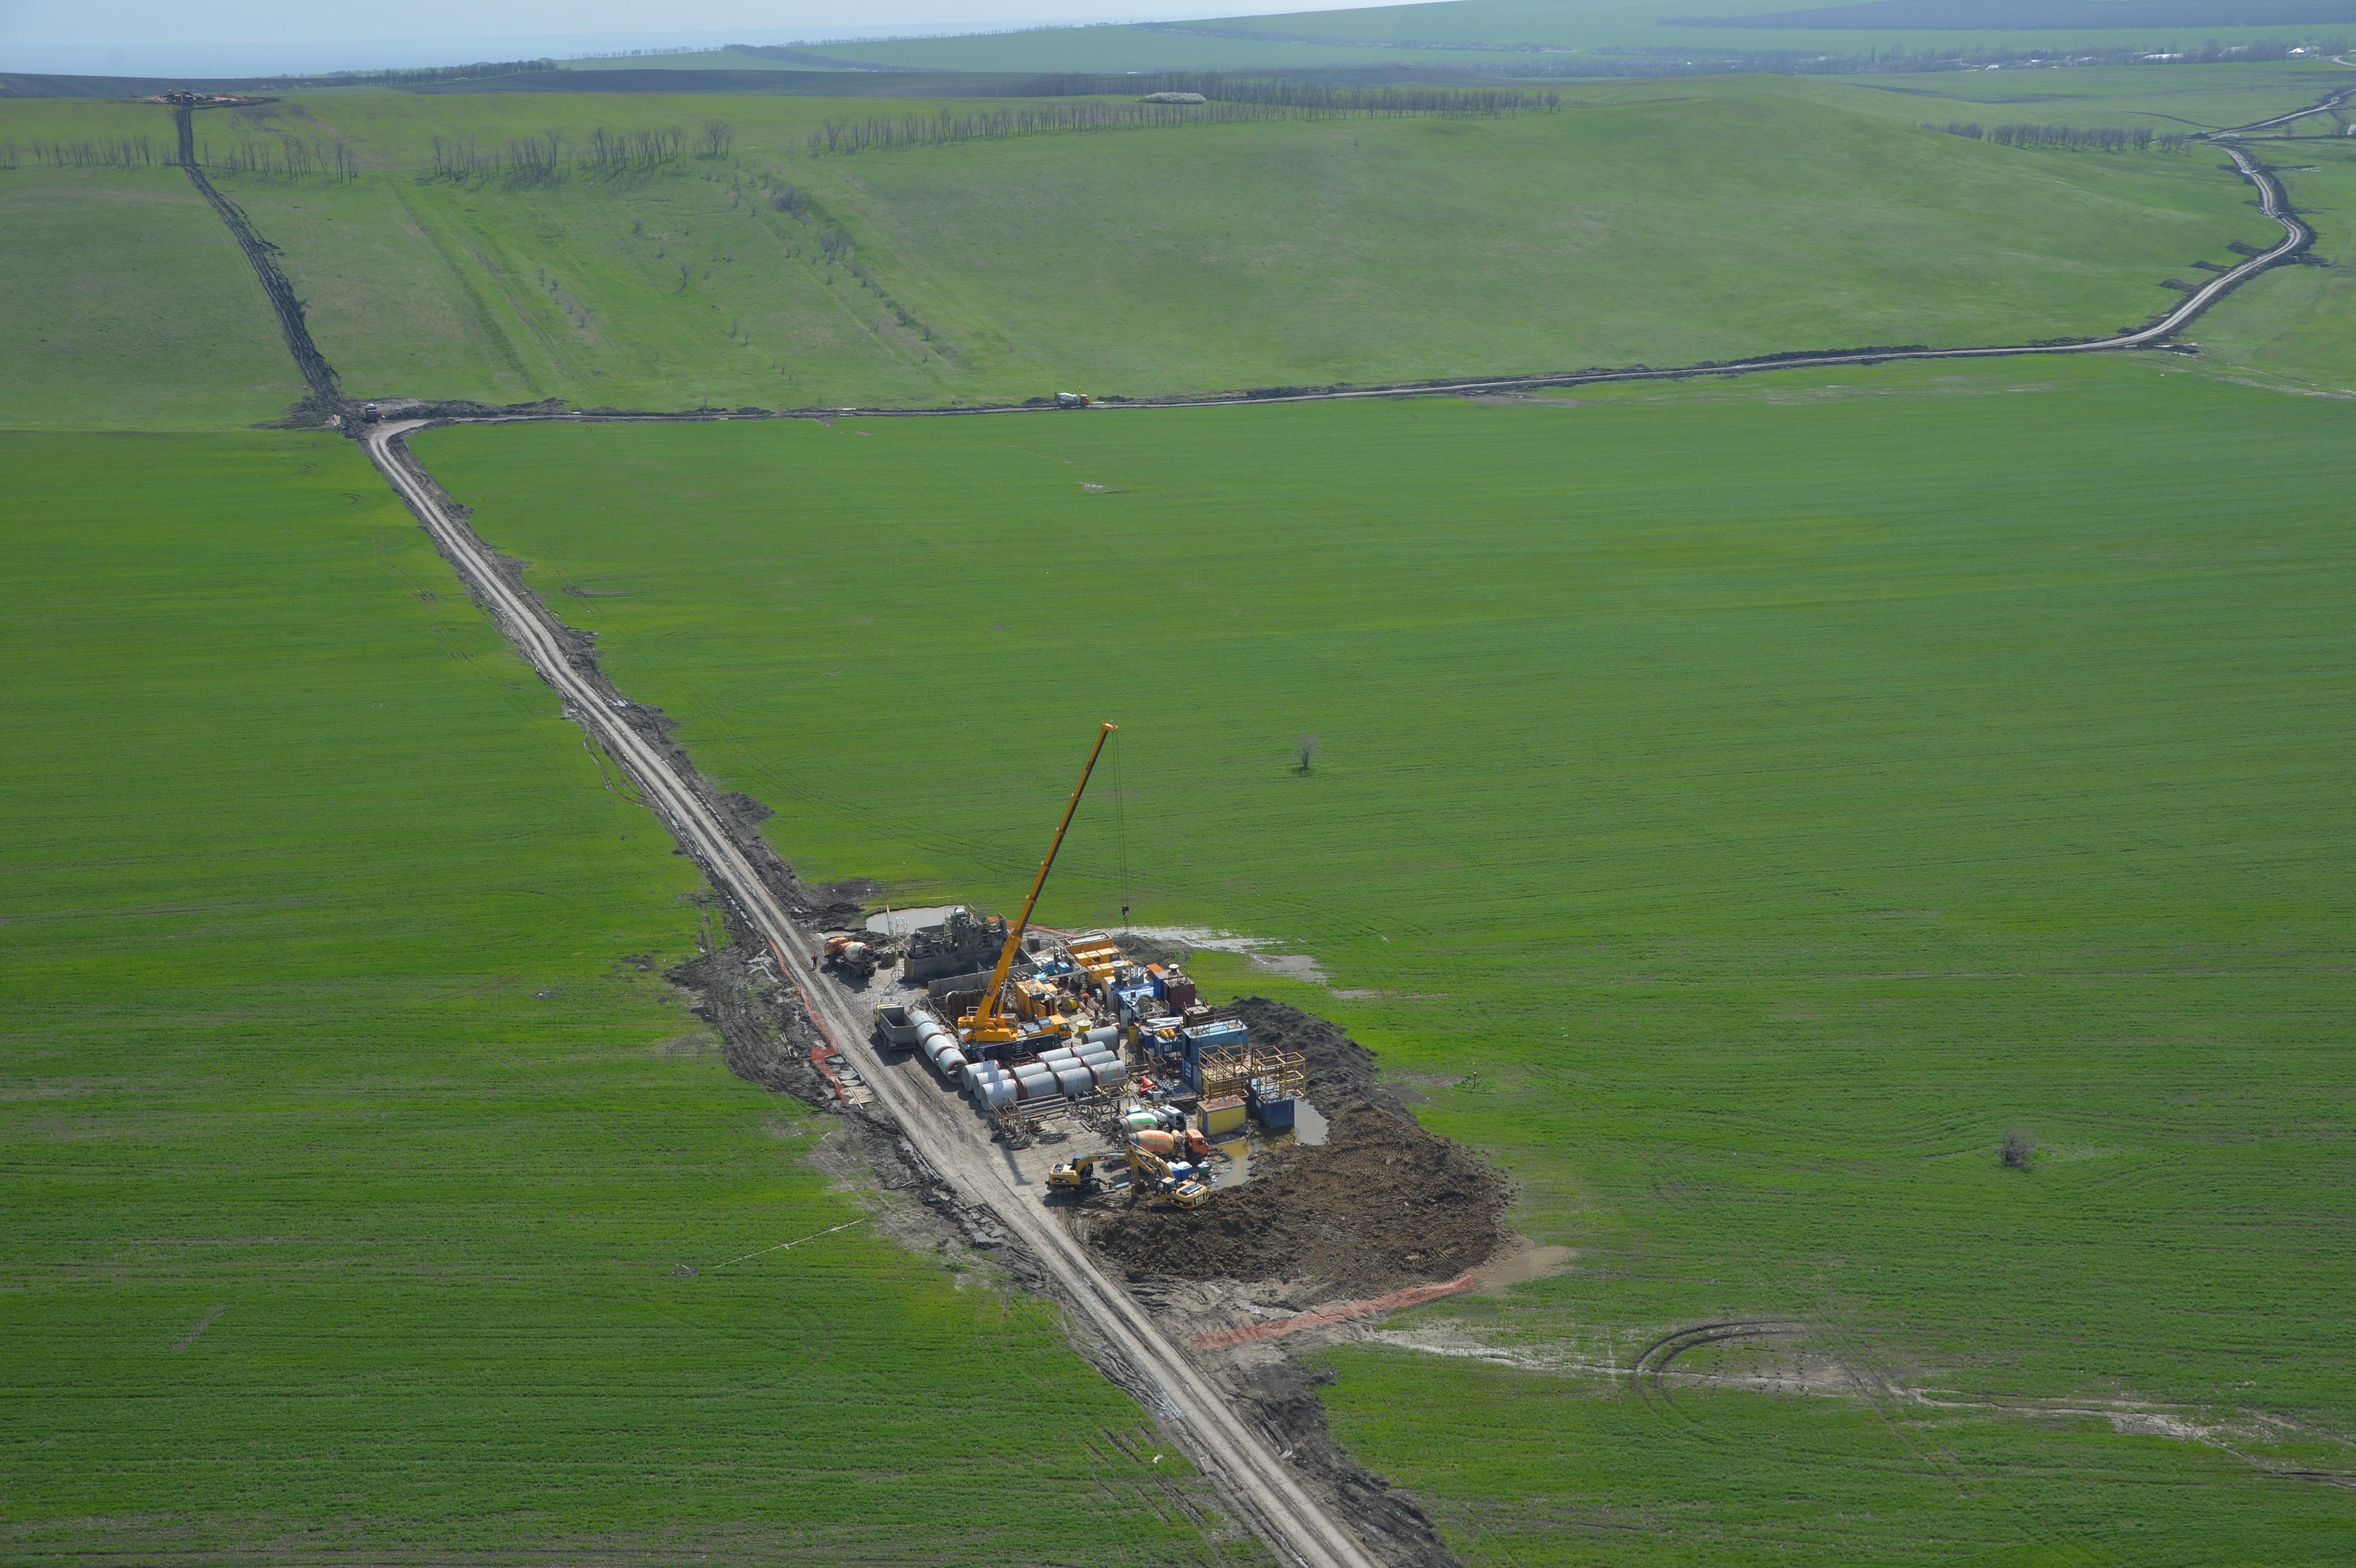 Расширение ЕГС для обеспечения подачи газа в газопровод «Южный поток» - Восточный коридор